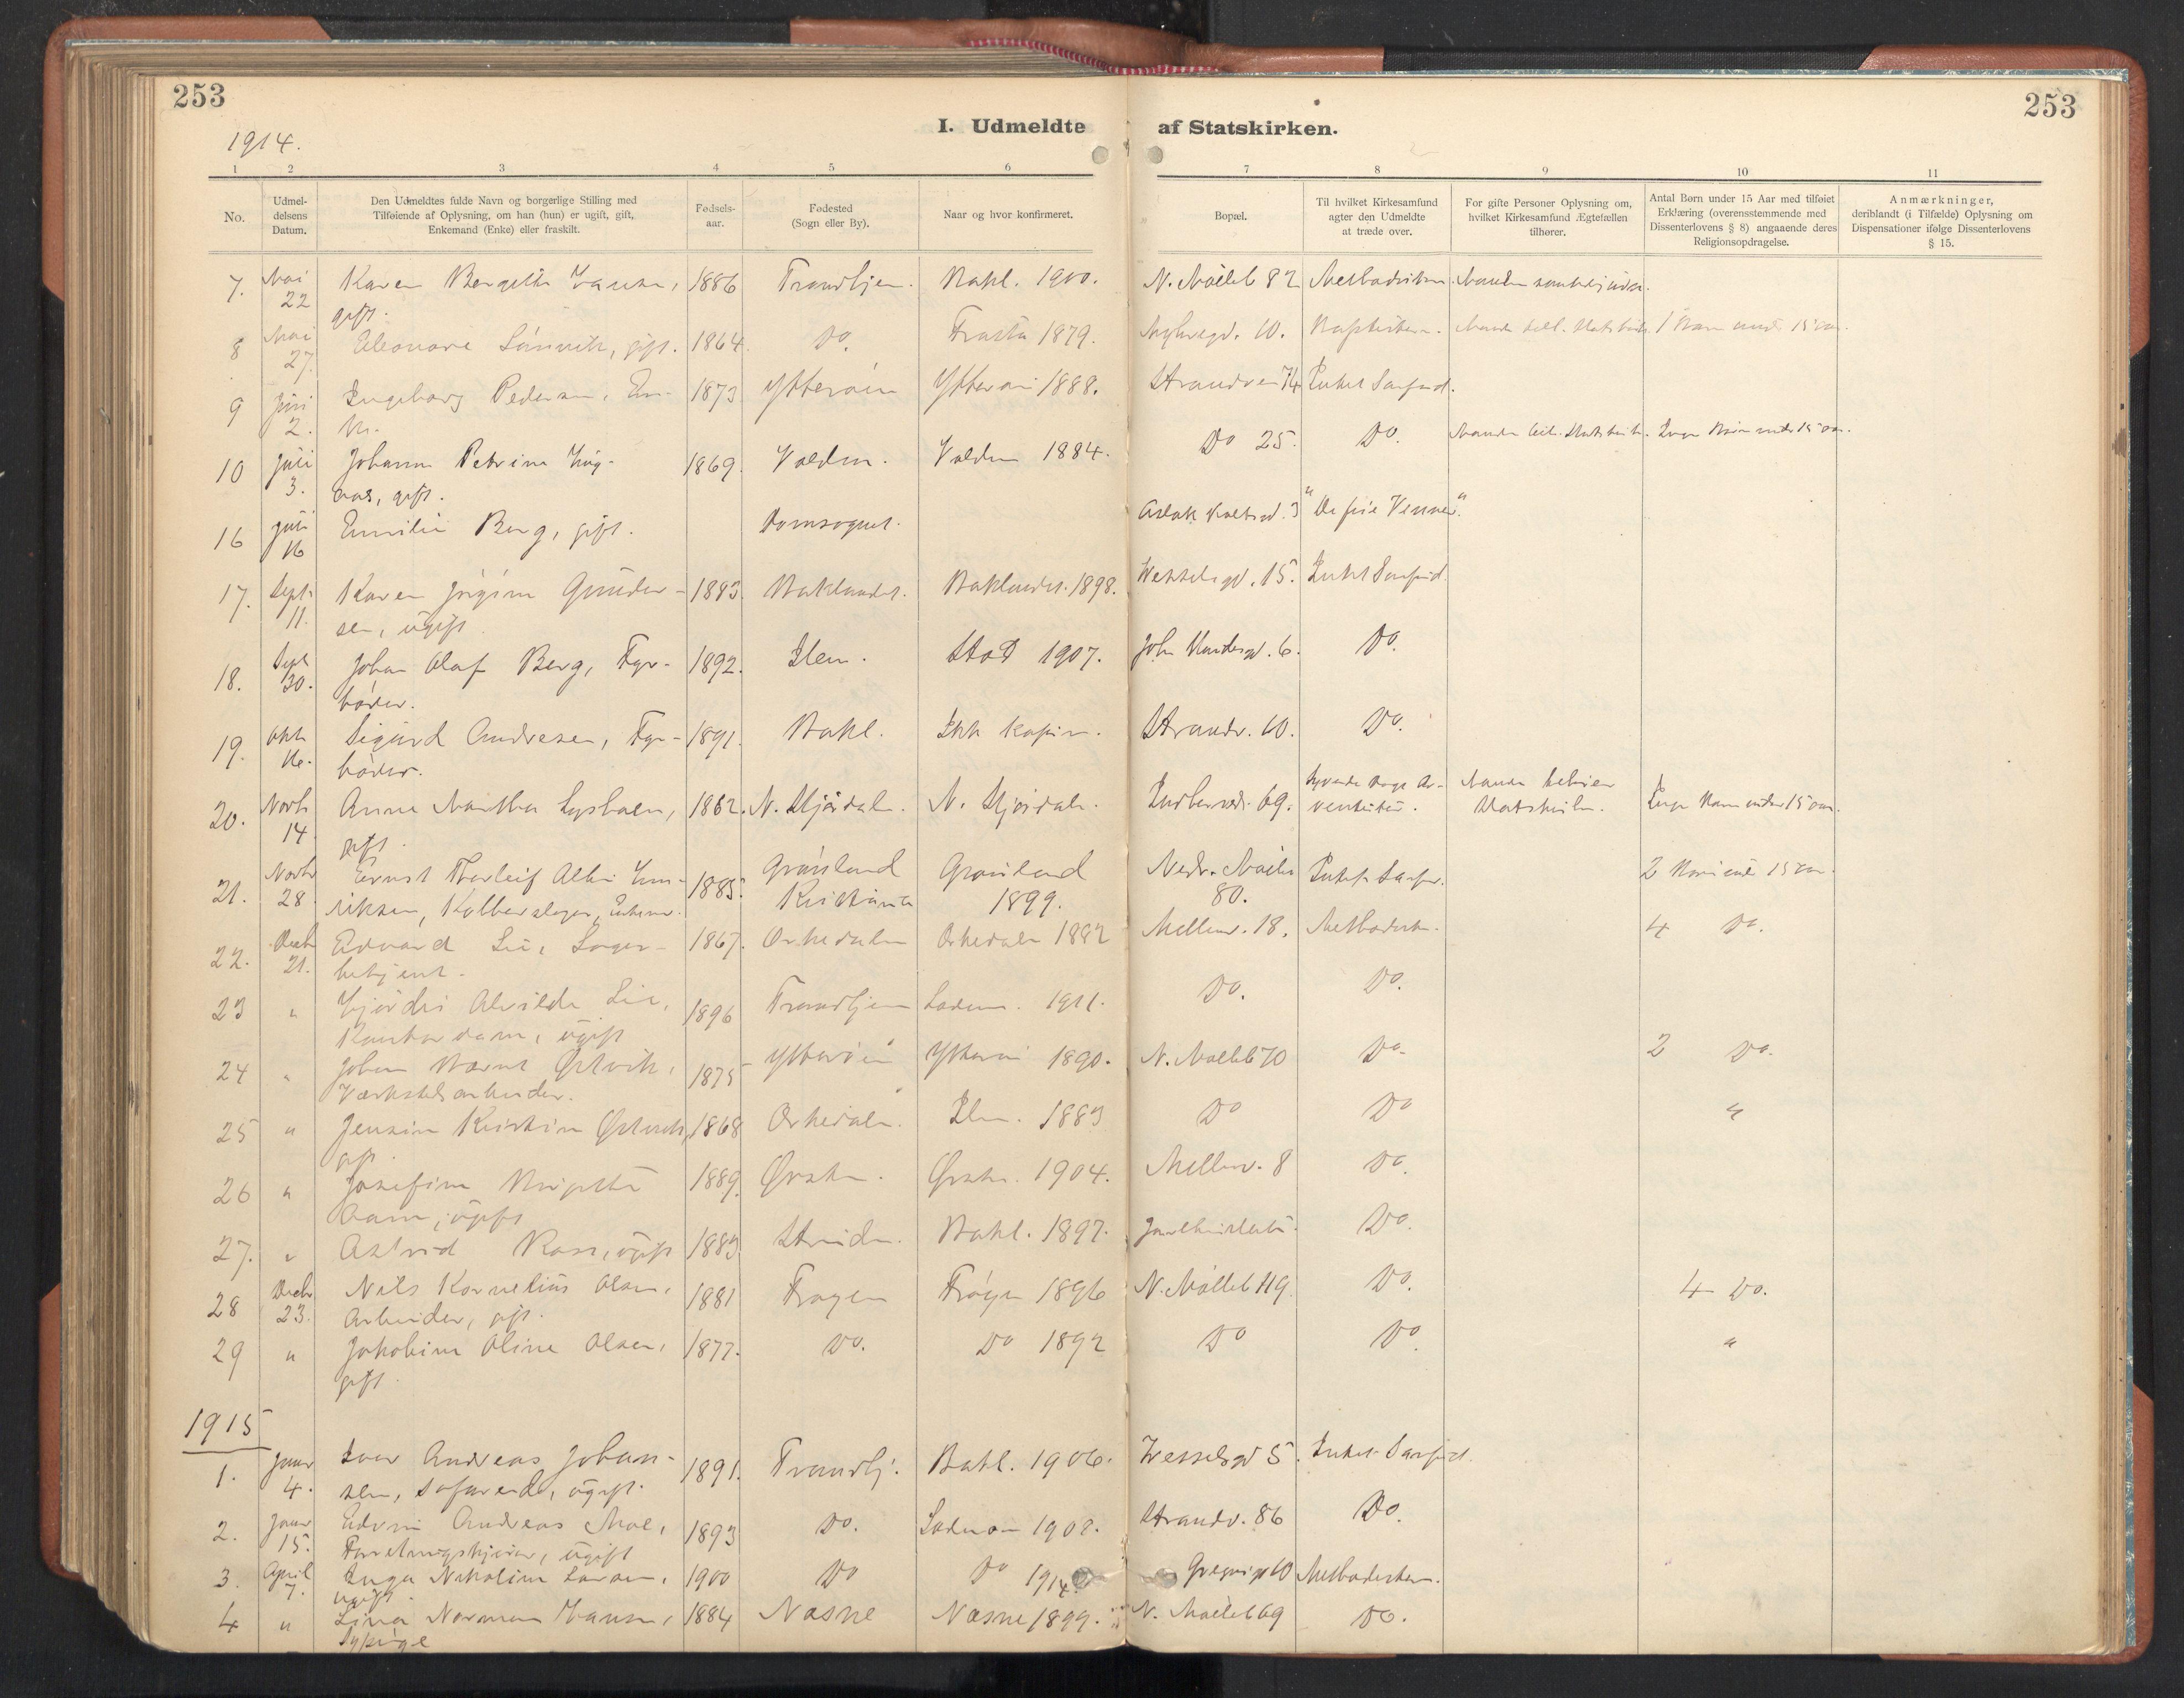 SAT, Ministerialprotokoller, klokkerbøker og fødselsregistre - Sør-Trøndelag, 605/L0244: Ministerialbok nr. 605A06, 1908-1954, s. 253